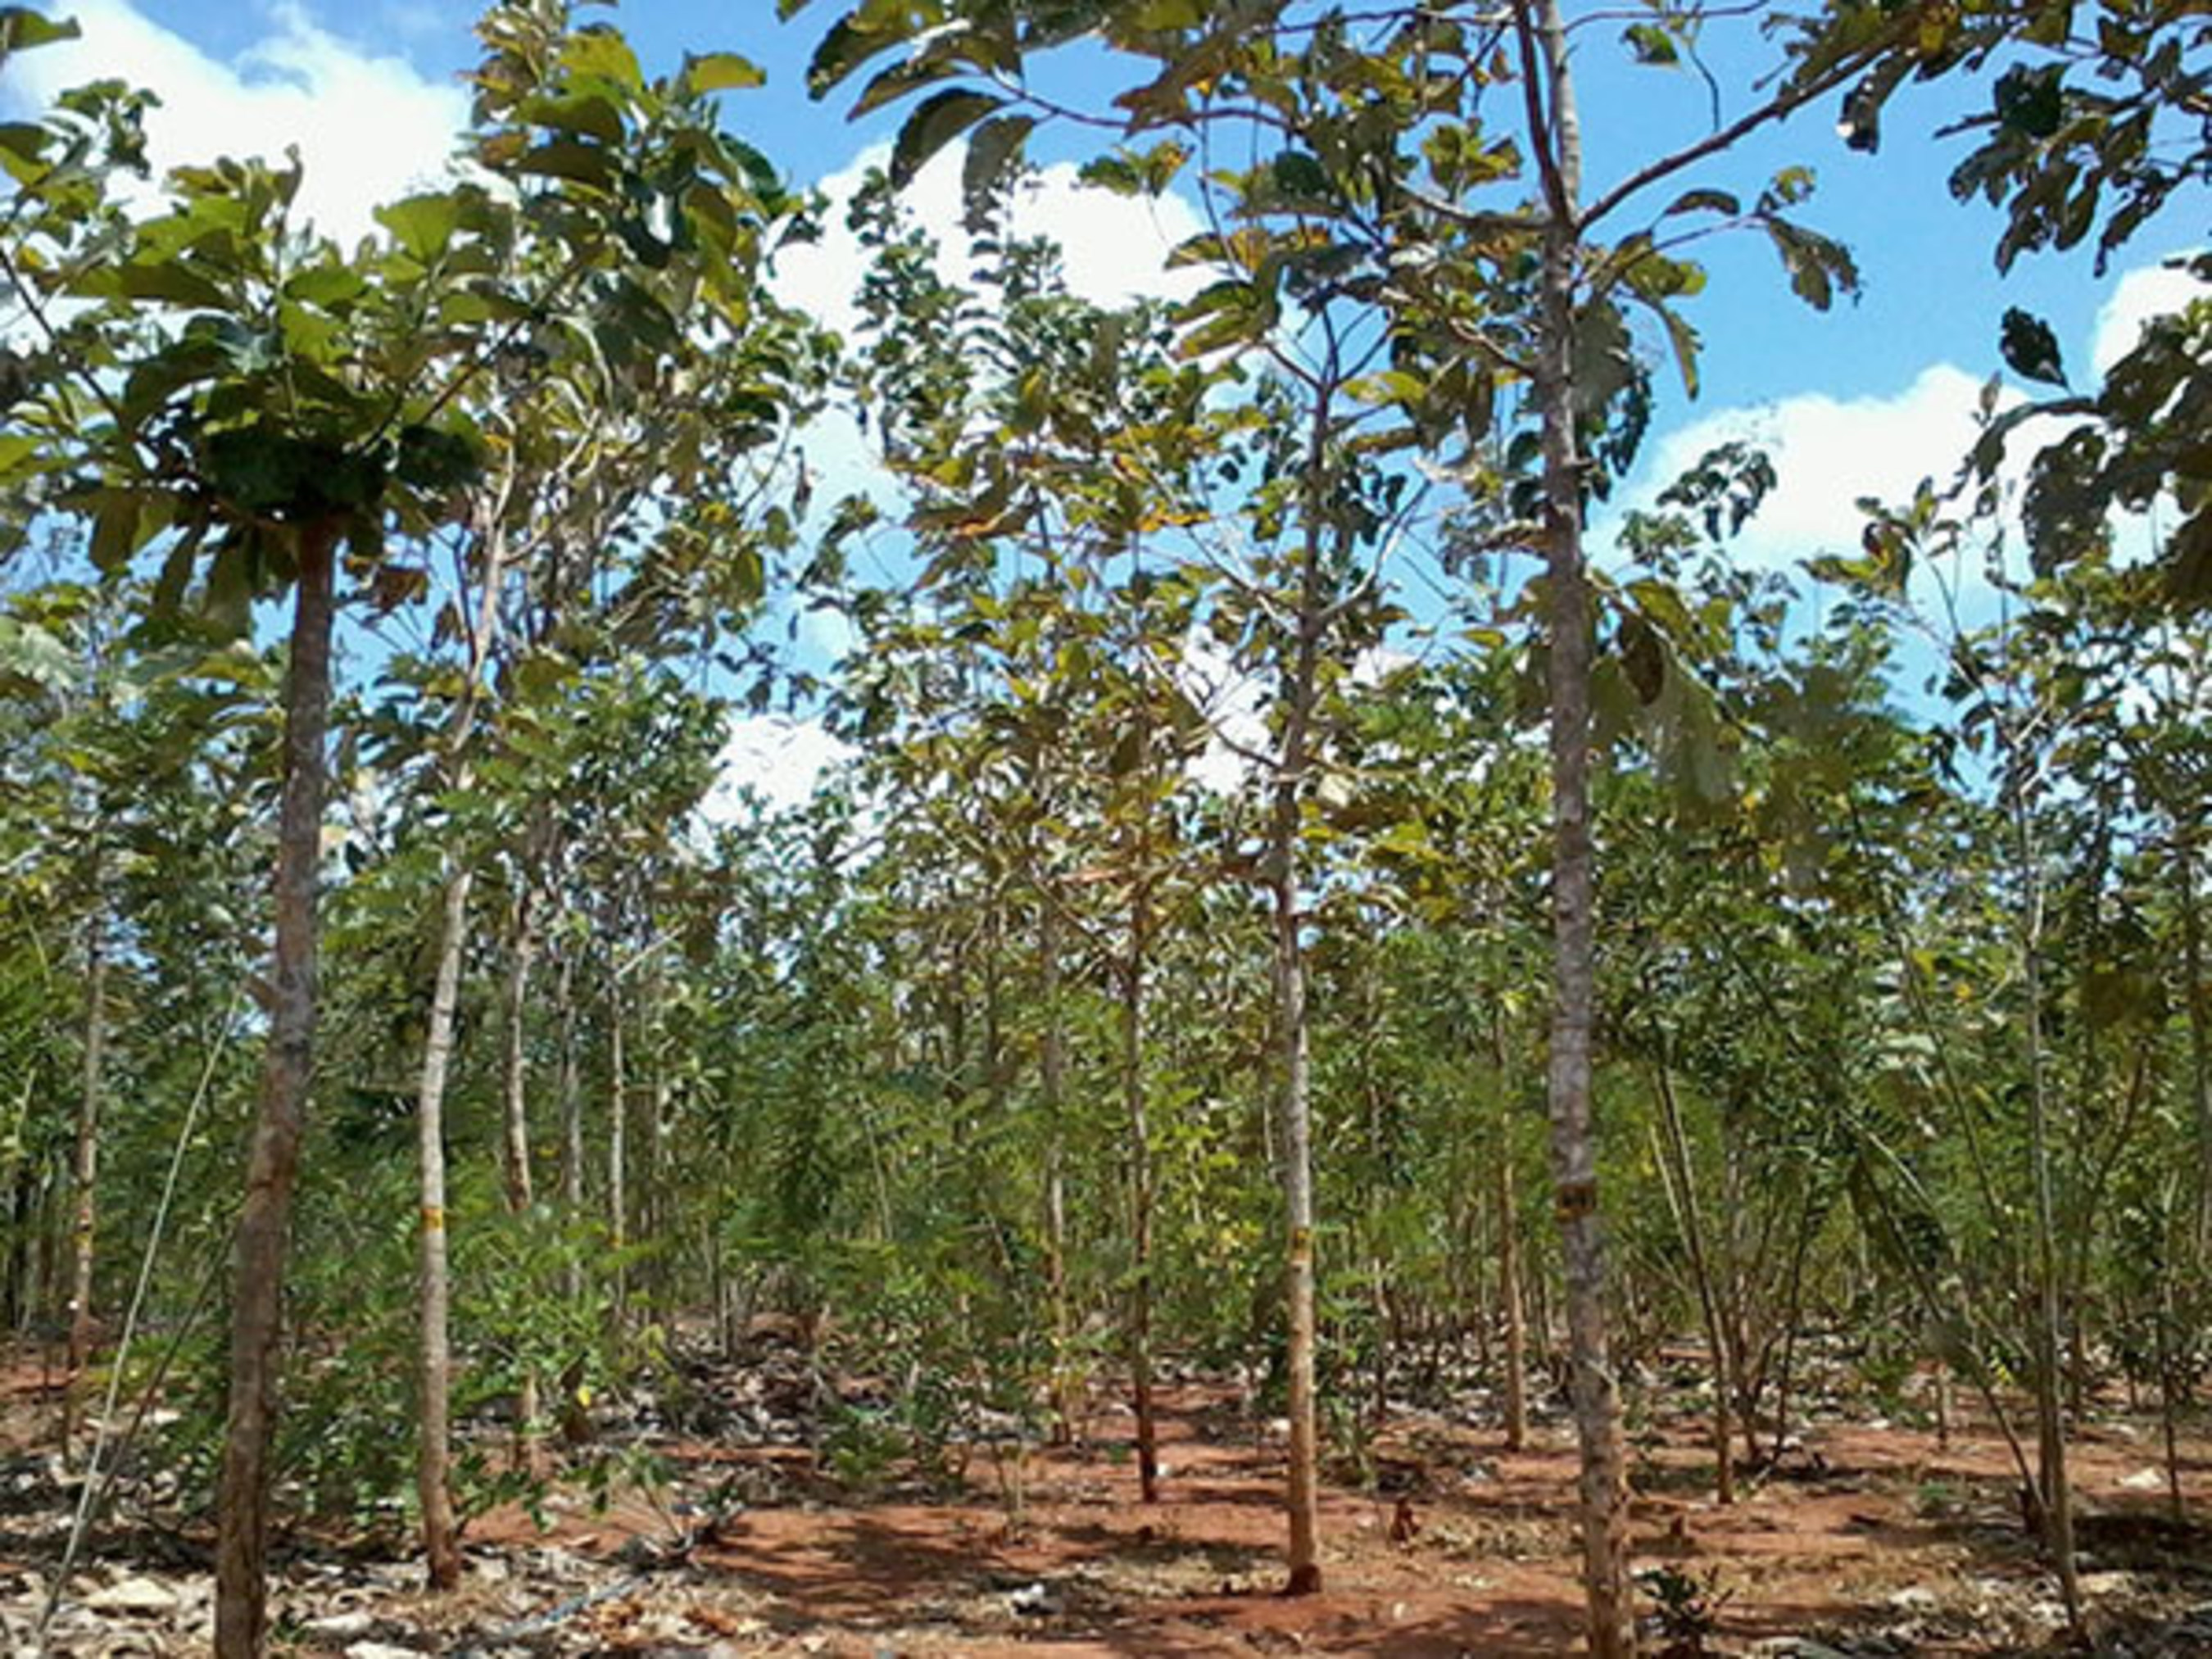 Asia Plantation Capital преставляет экологически чистое масло орлиного дерева и ценное масло